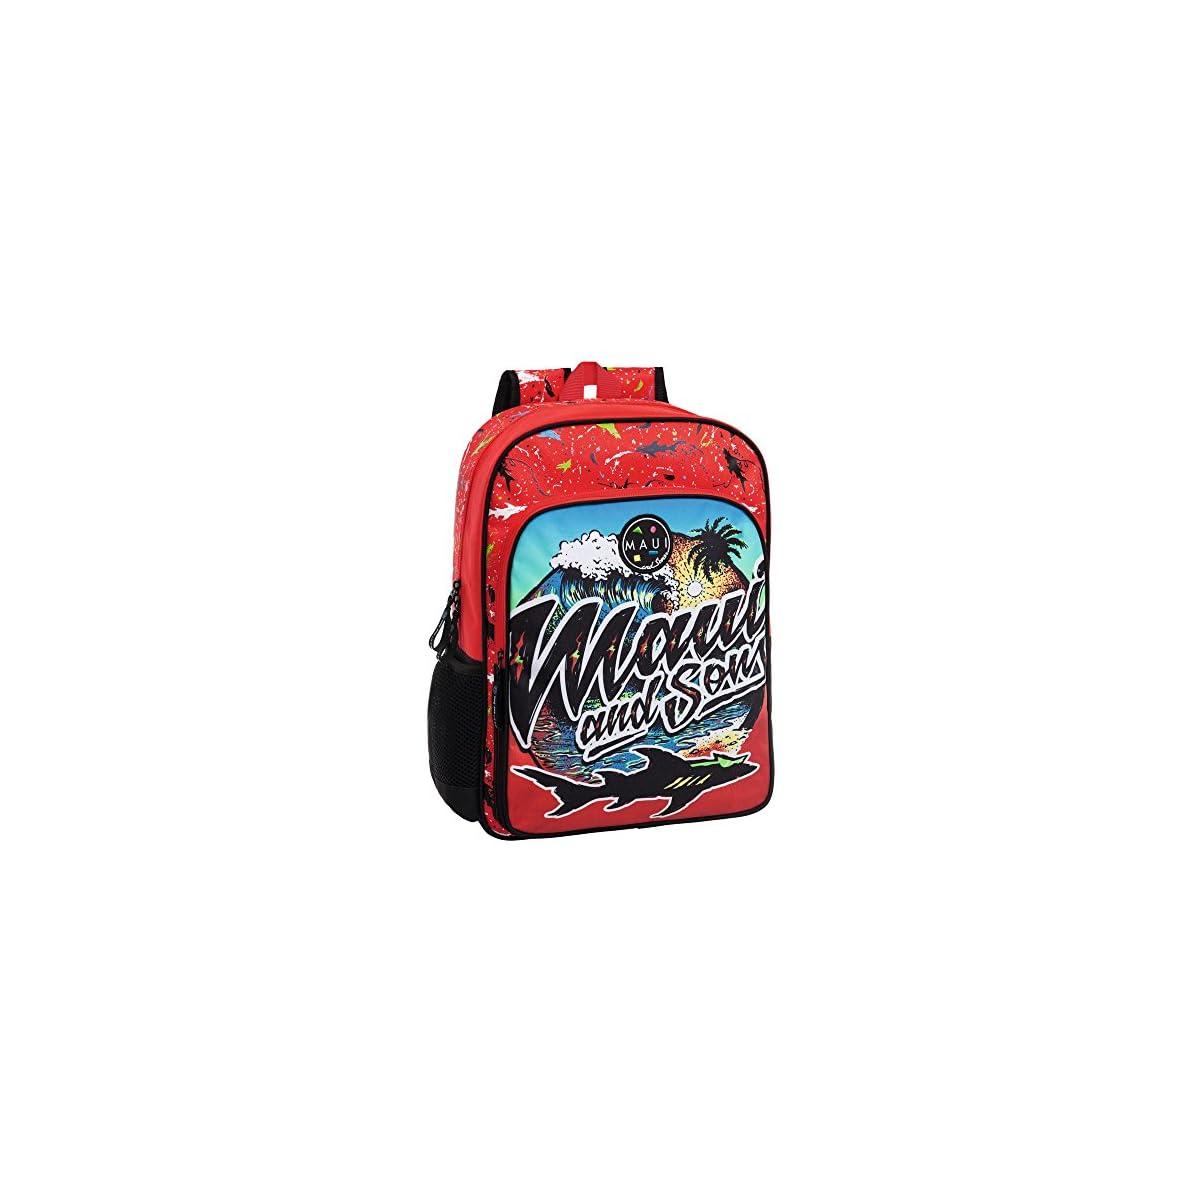 61AeEuIPvIL. SS1200  - Maui 45523A1 Beach Mochila Escolar, 15.6 litros, Color Rojo